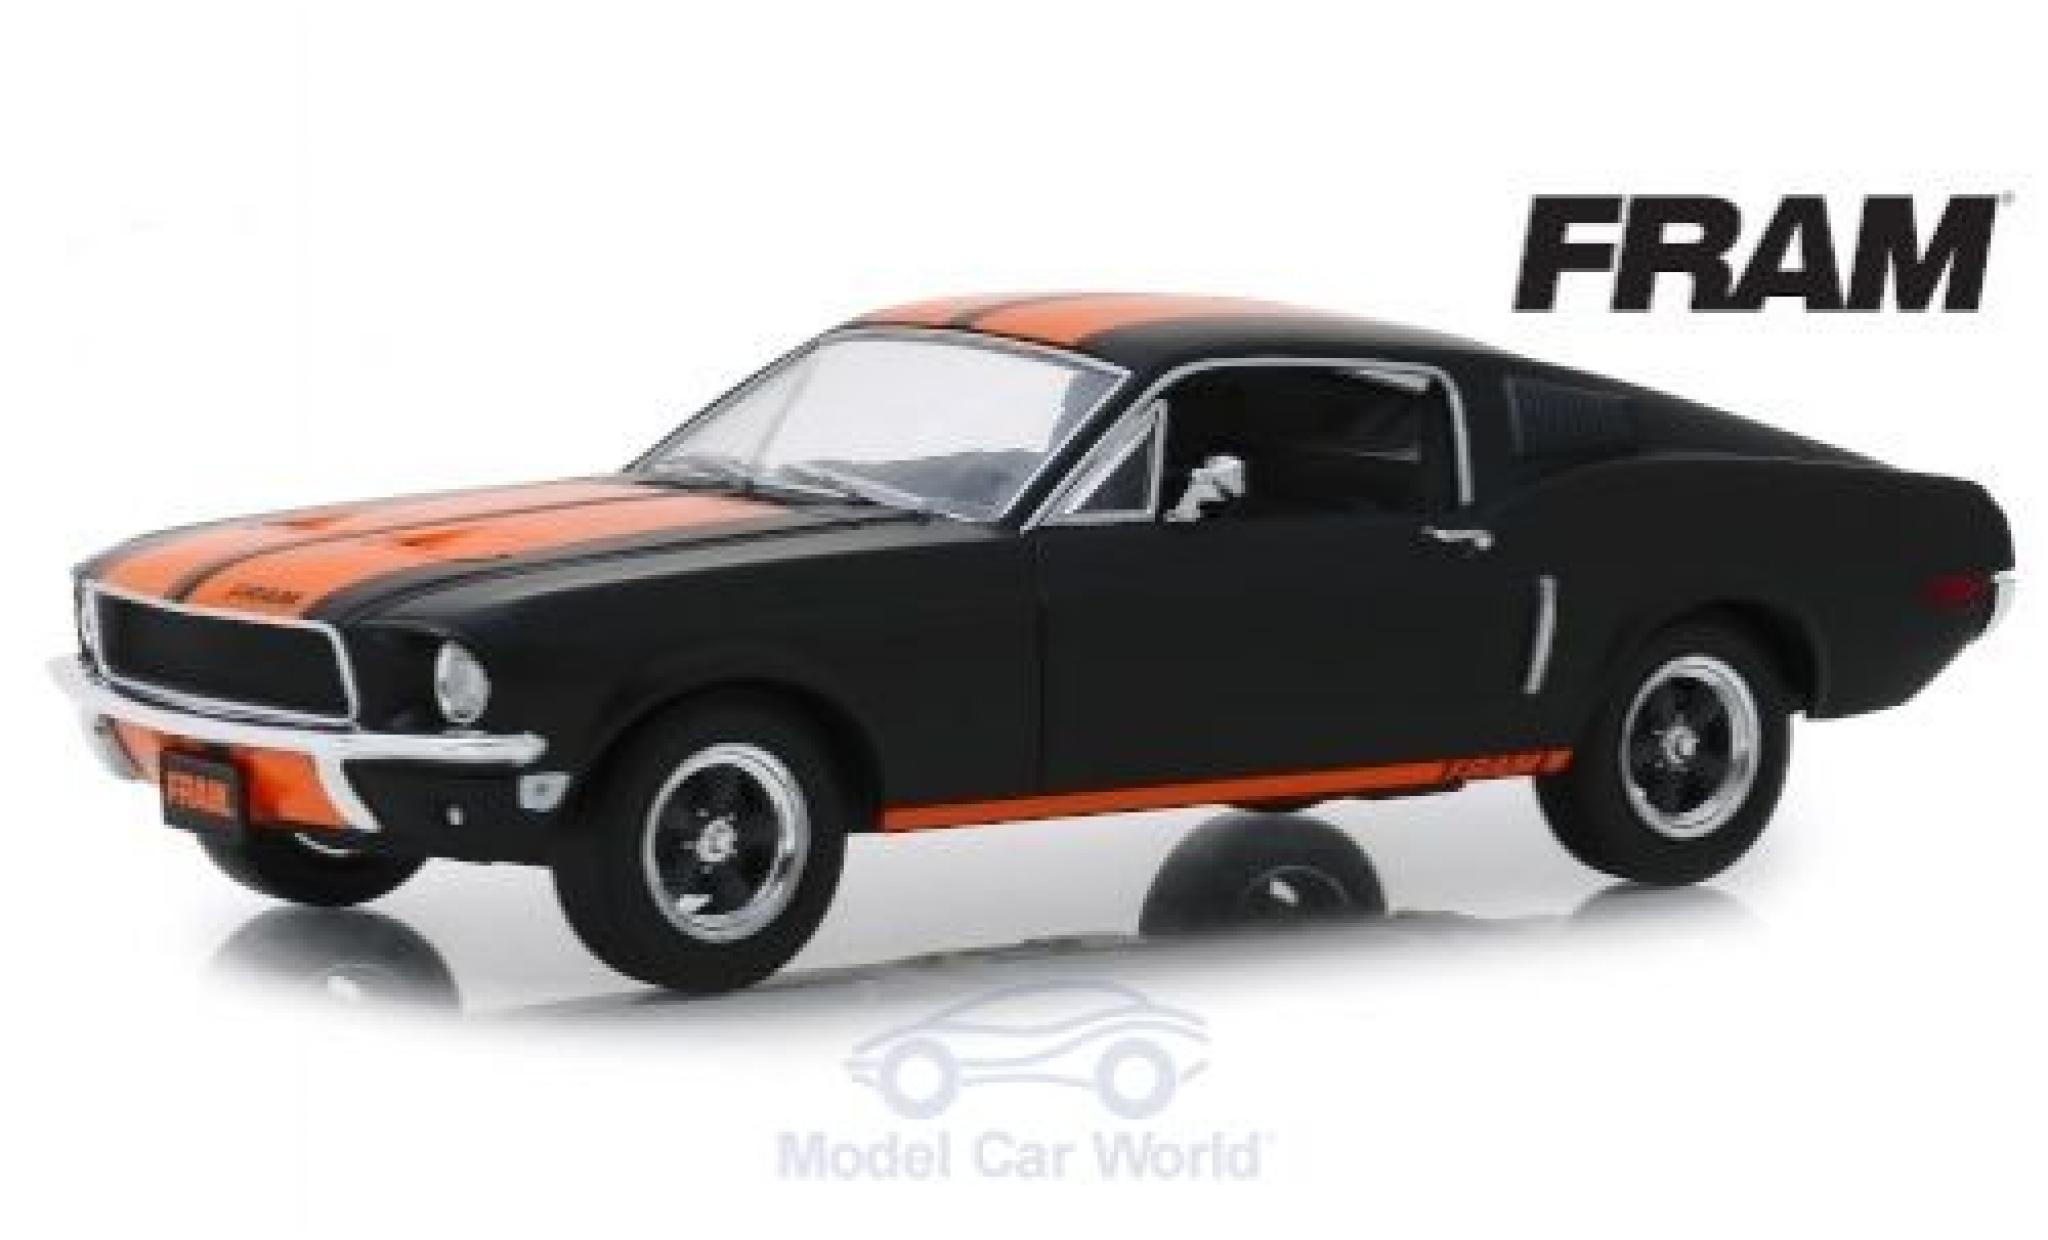 Ford Mustang 1/24 Greenlight Fastback FRAM 1968